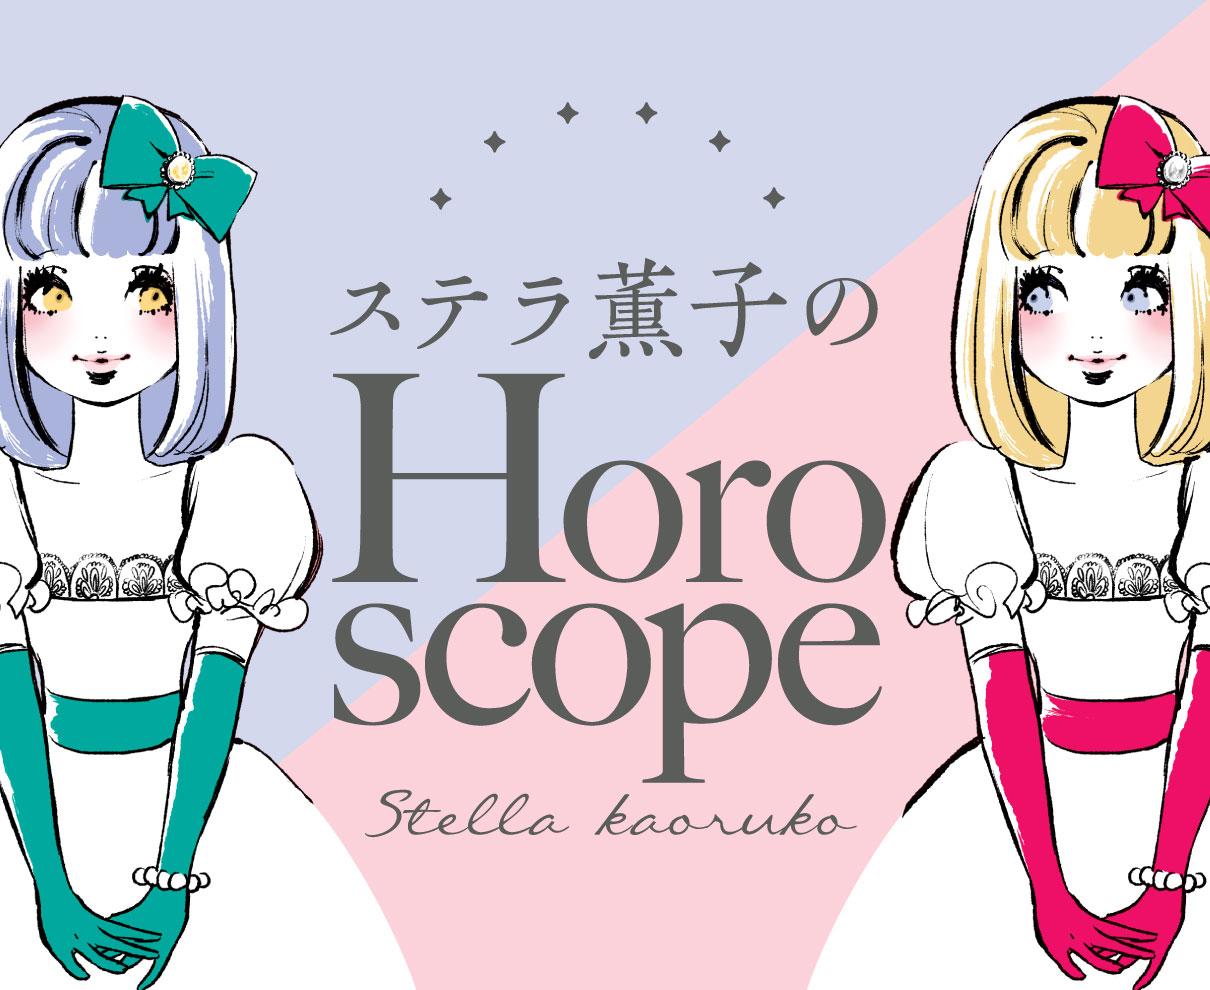 月刊ウララ5月号『ステラ薫子のHoroscope』より。今月の運勢を占おう!